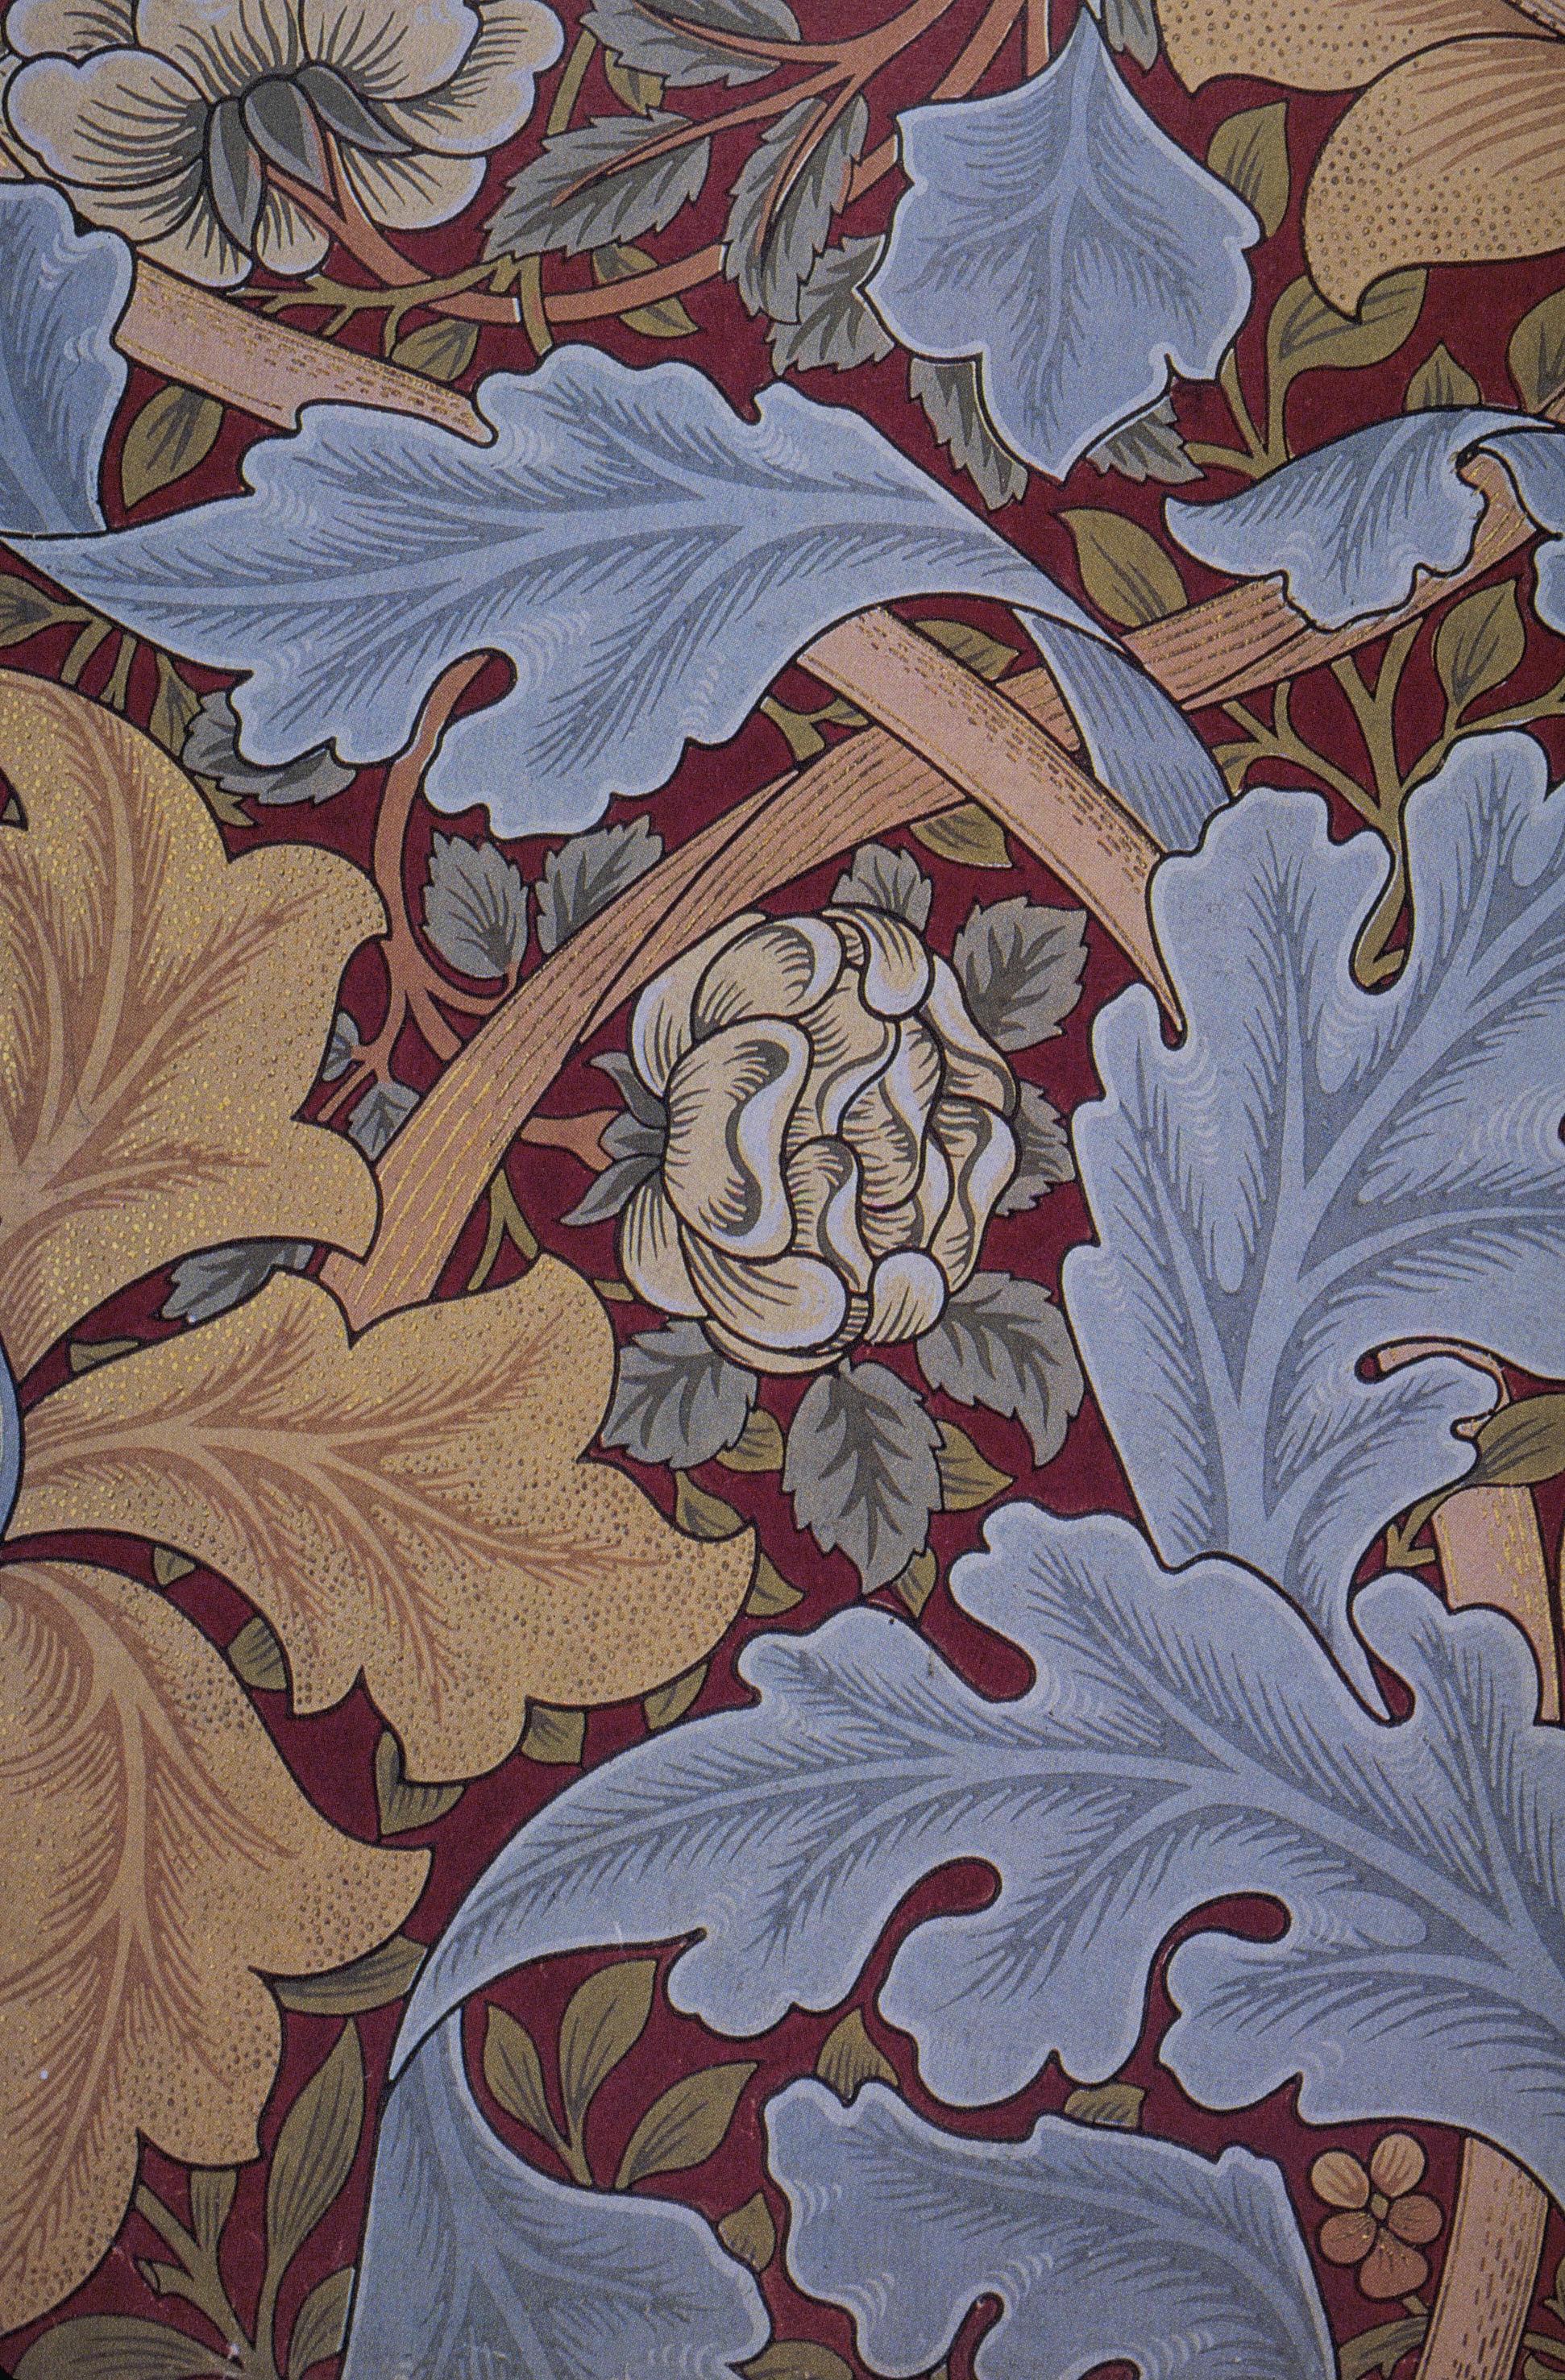 File:Morris St James 1880.jpg  Wikimedia Commons